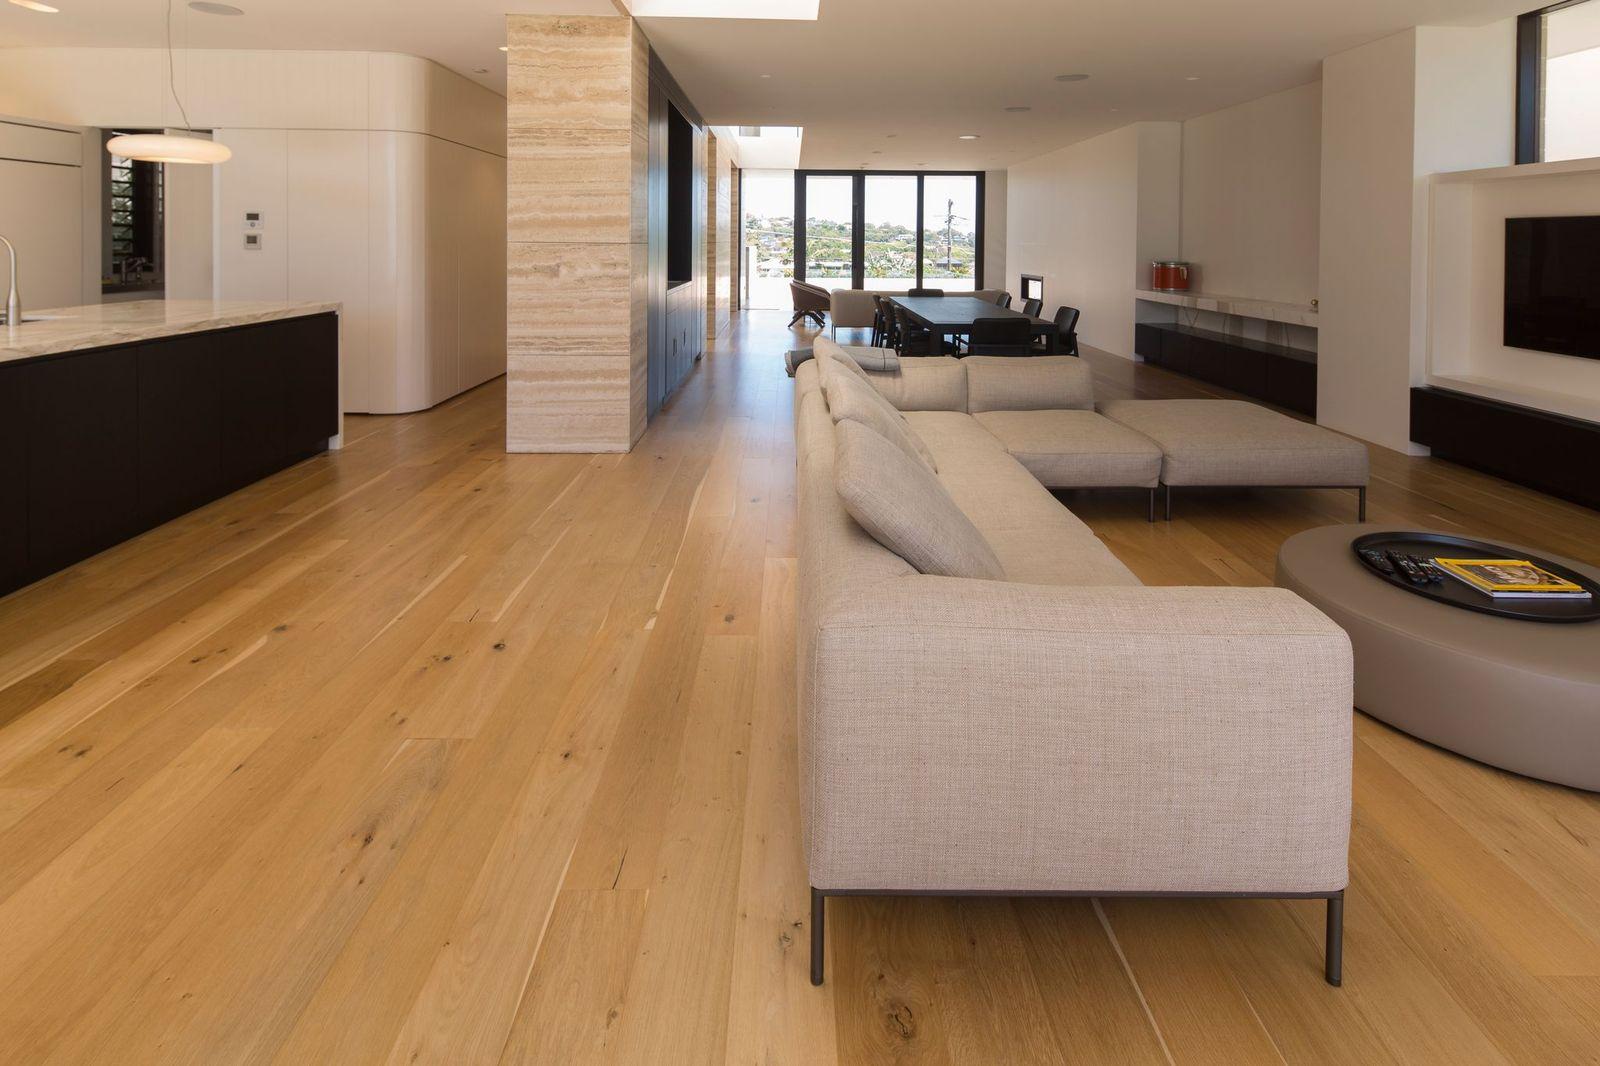 timber floors Kellyville, flooring contractors